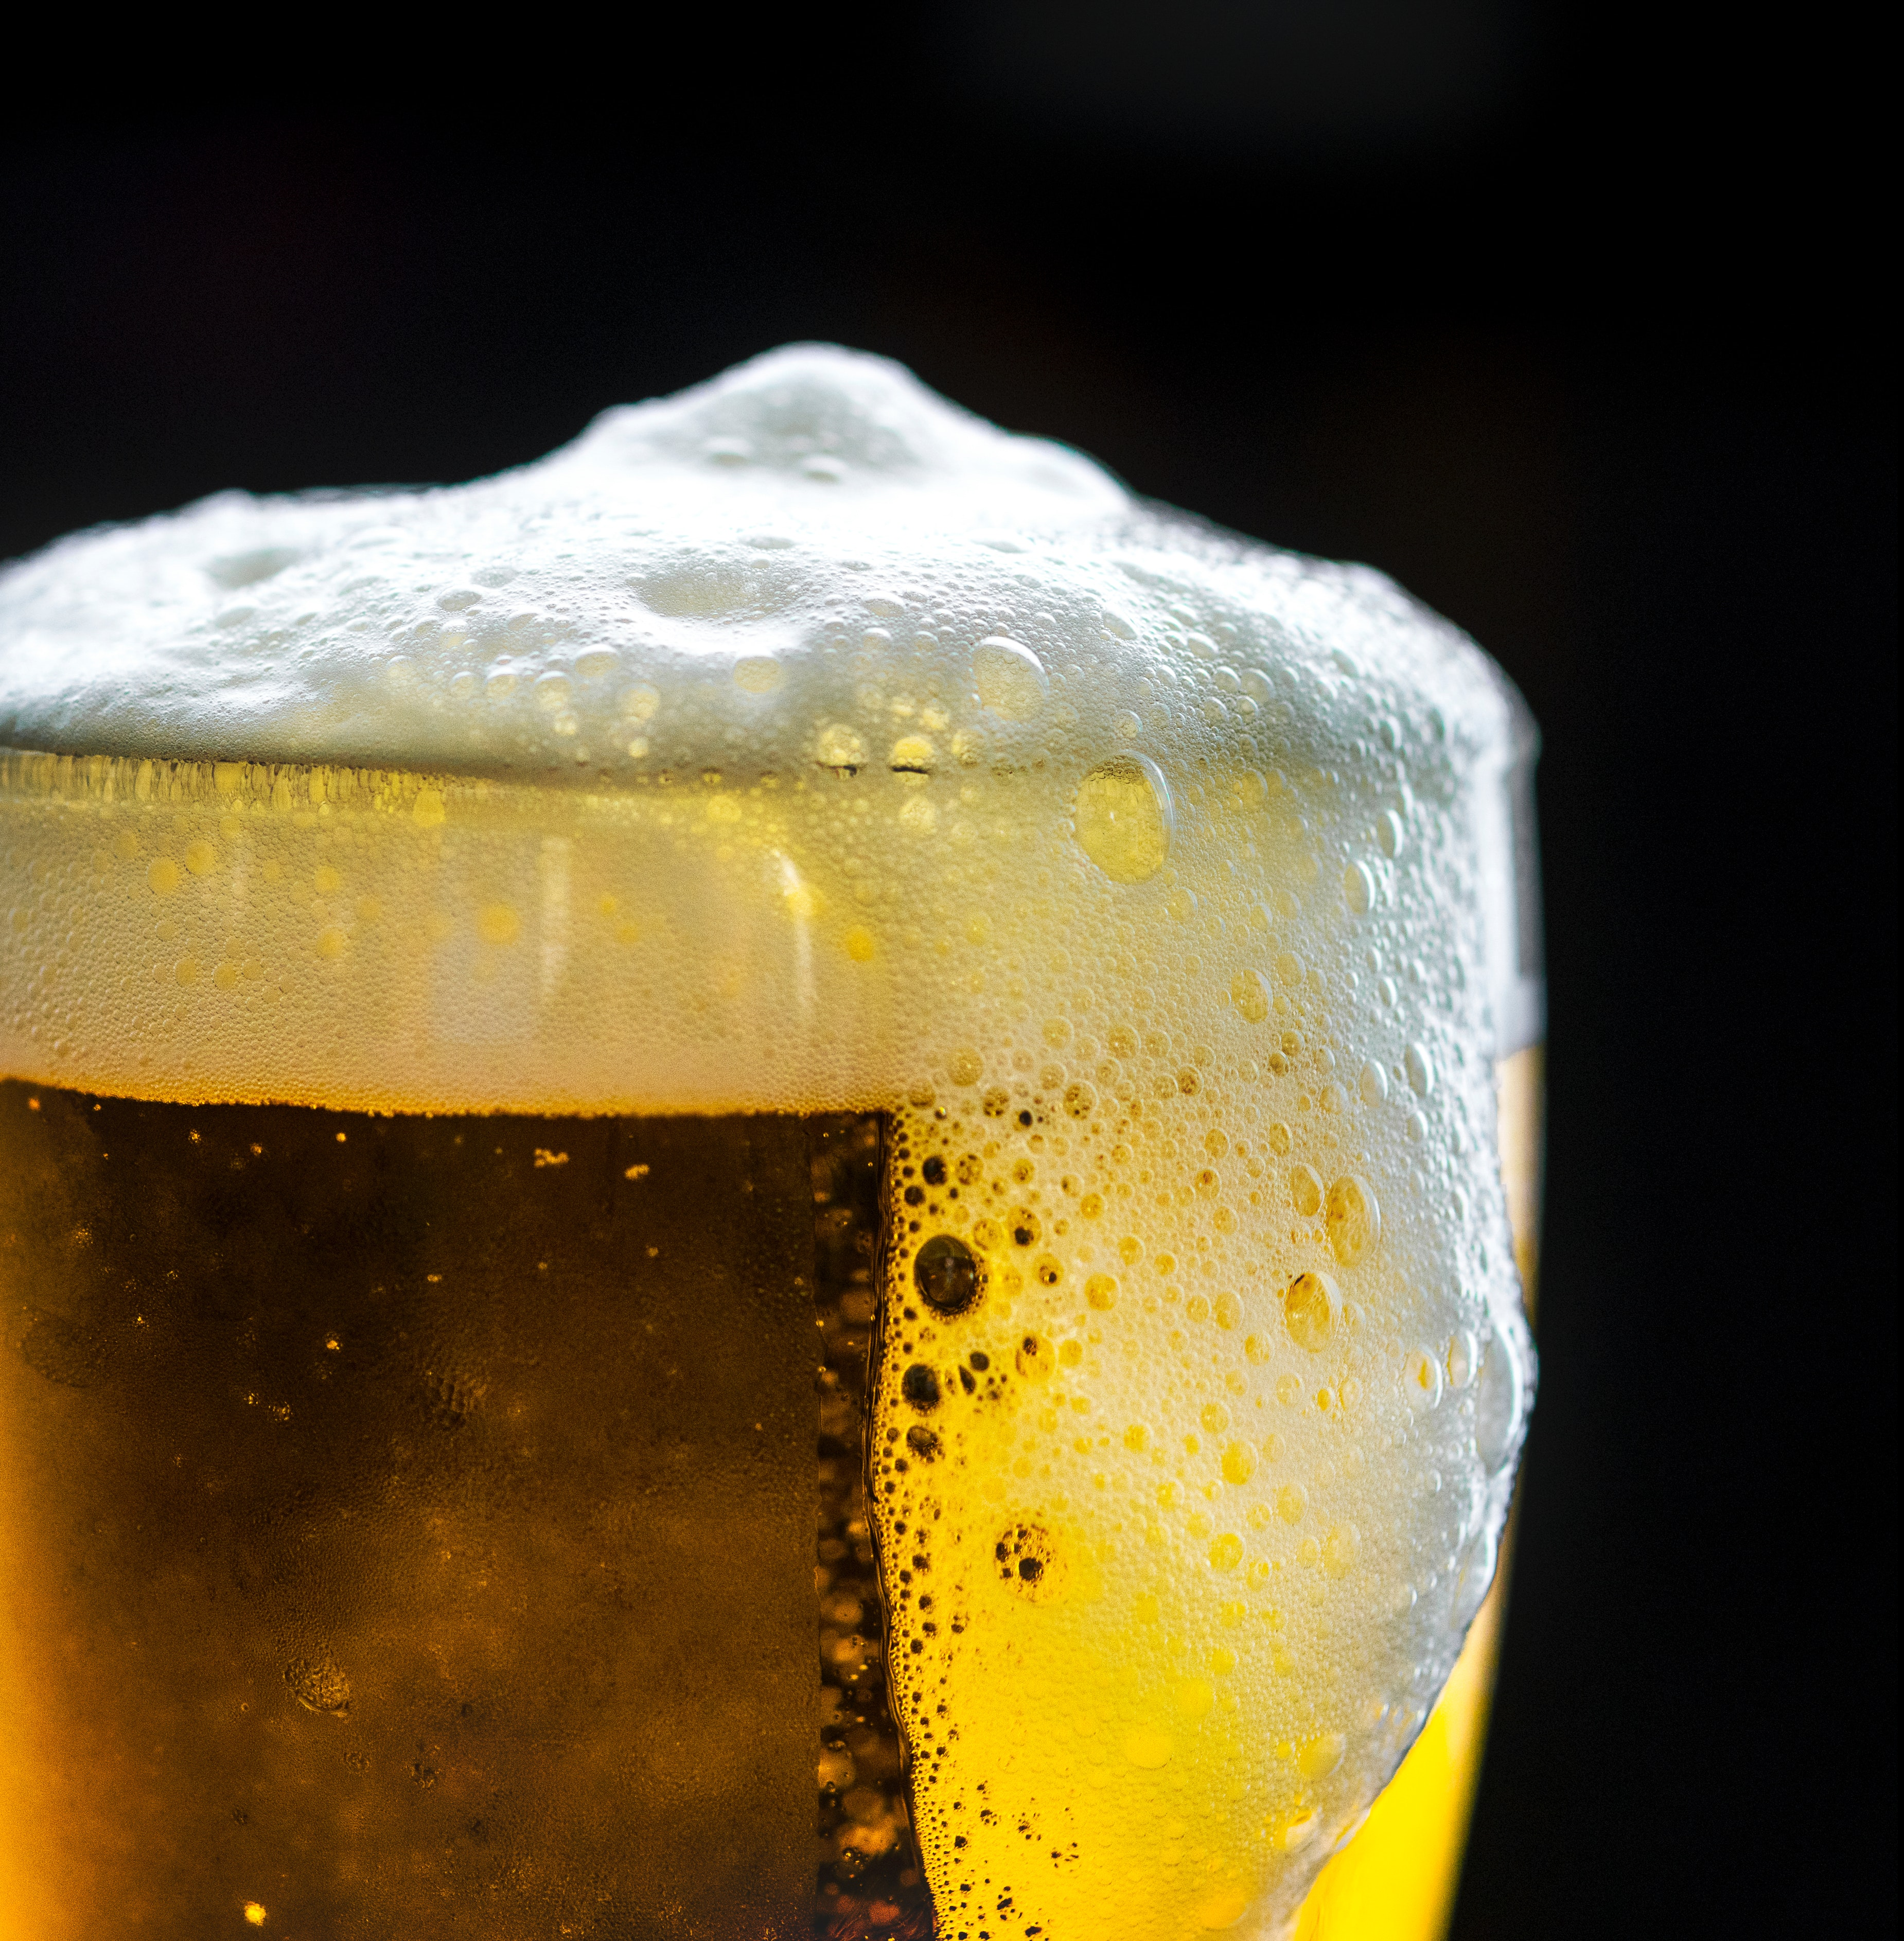 Kom igang med at brygge øl